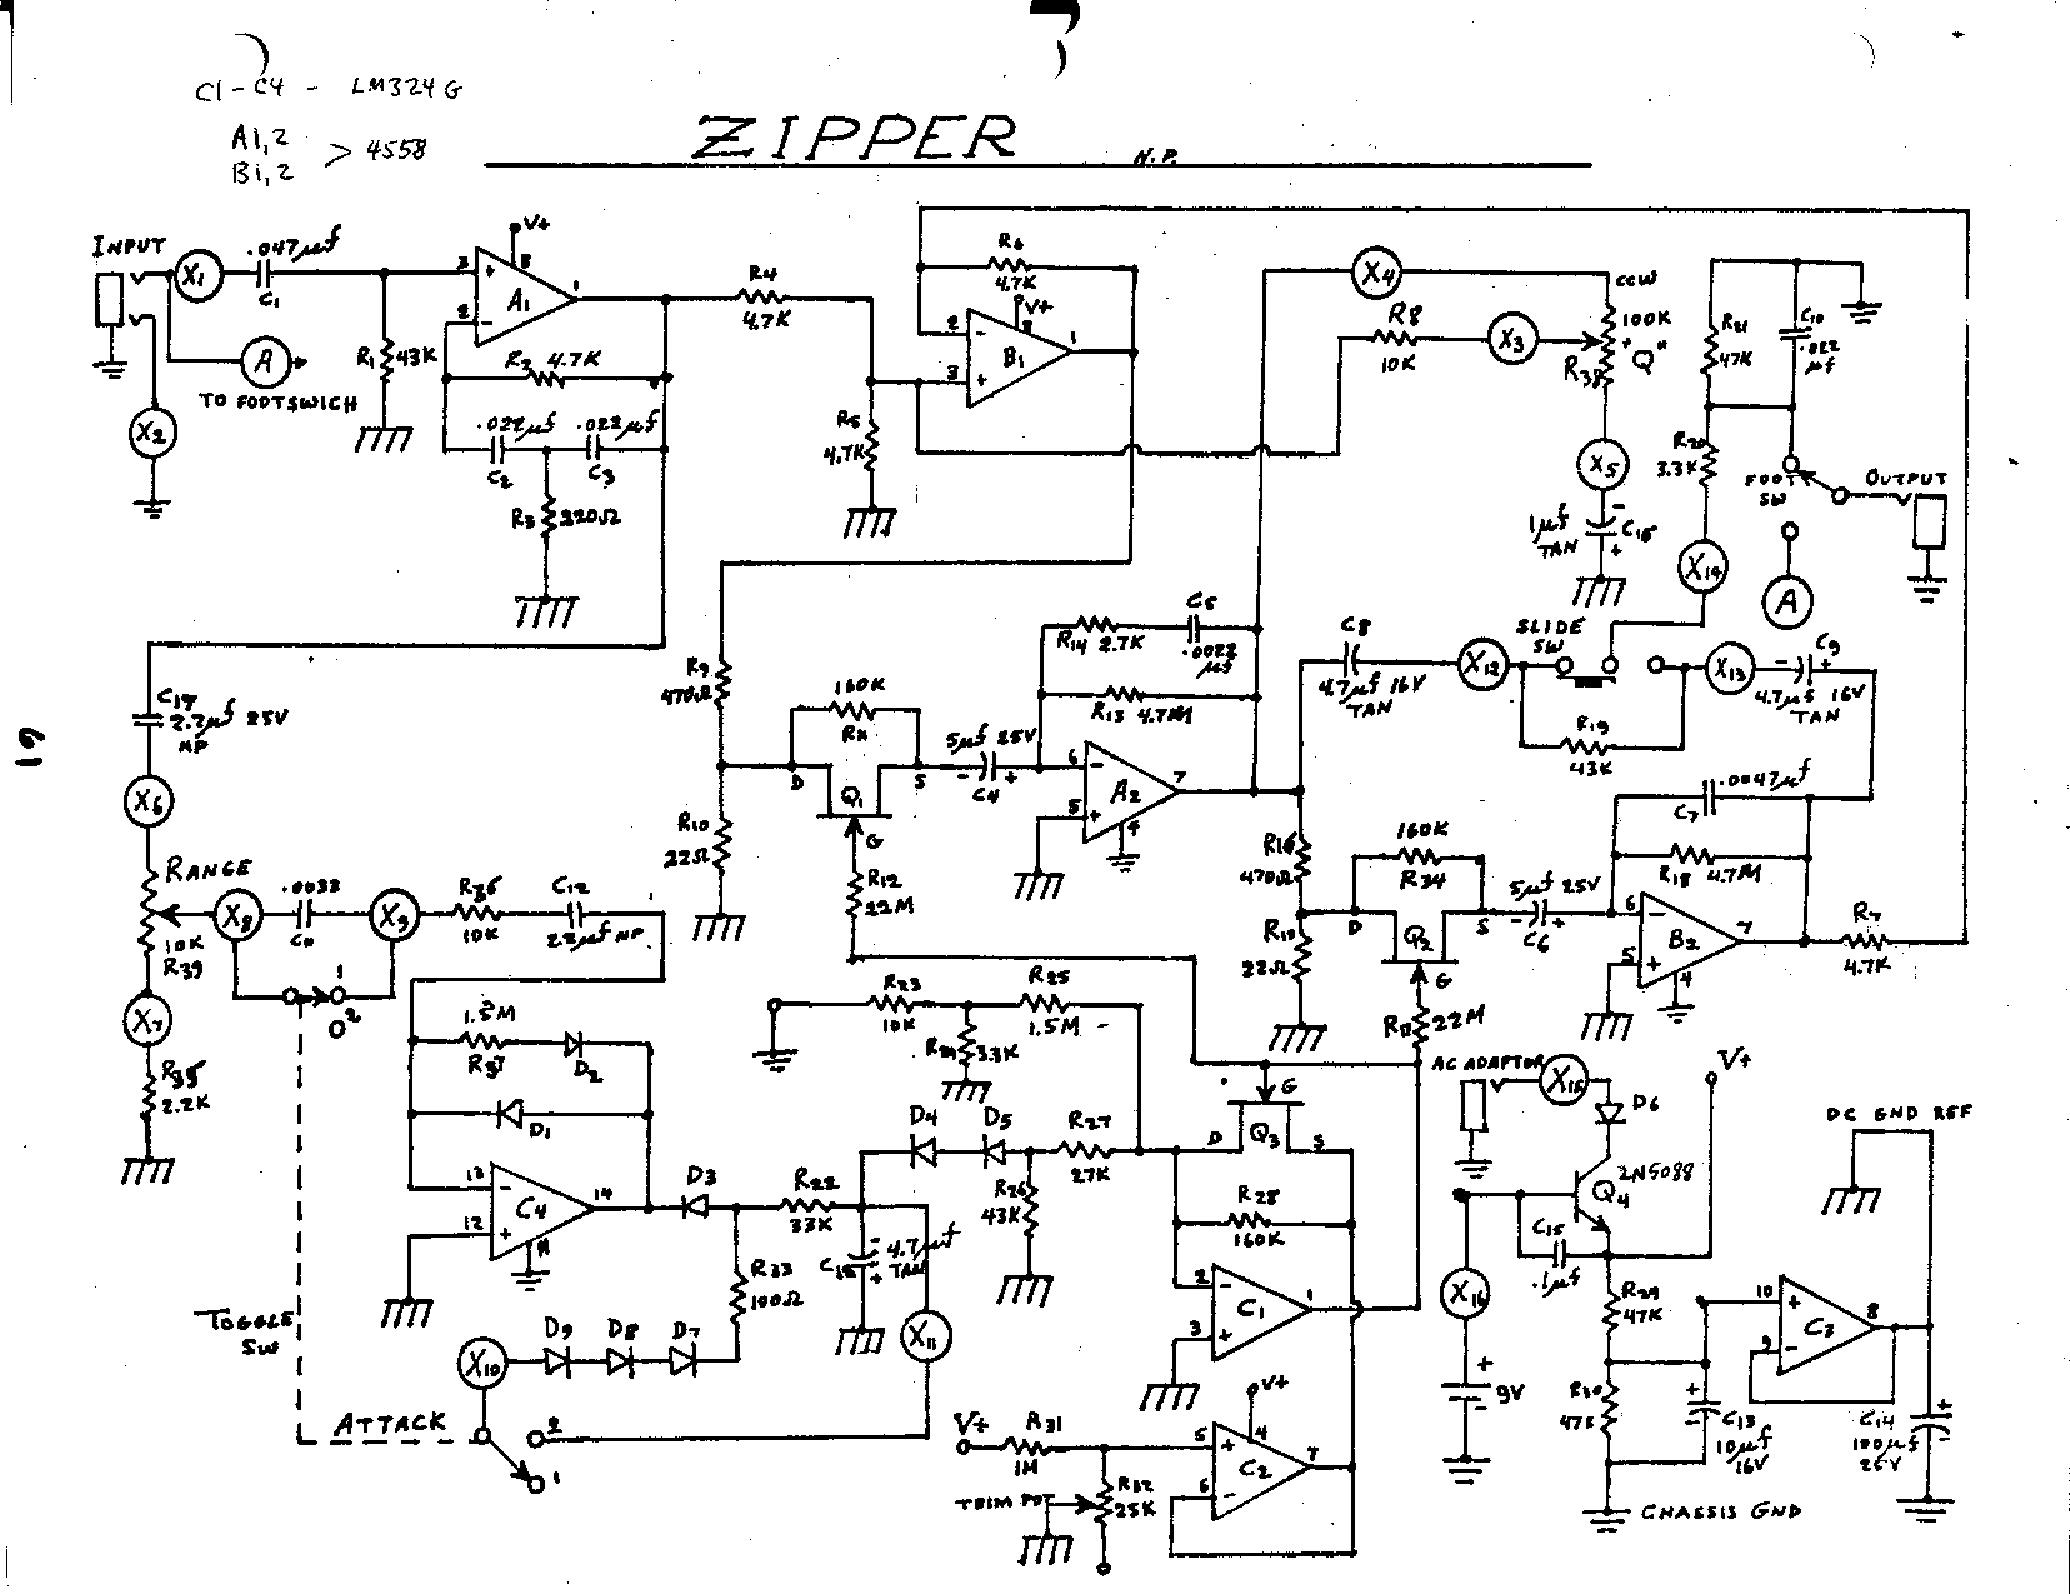 Electro Harmonix Zipper Envelope Sch Service Manual Download Ev Mic Wiring Diagram D767 1st Page